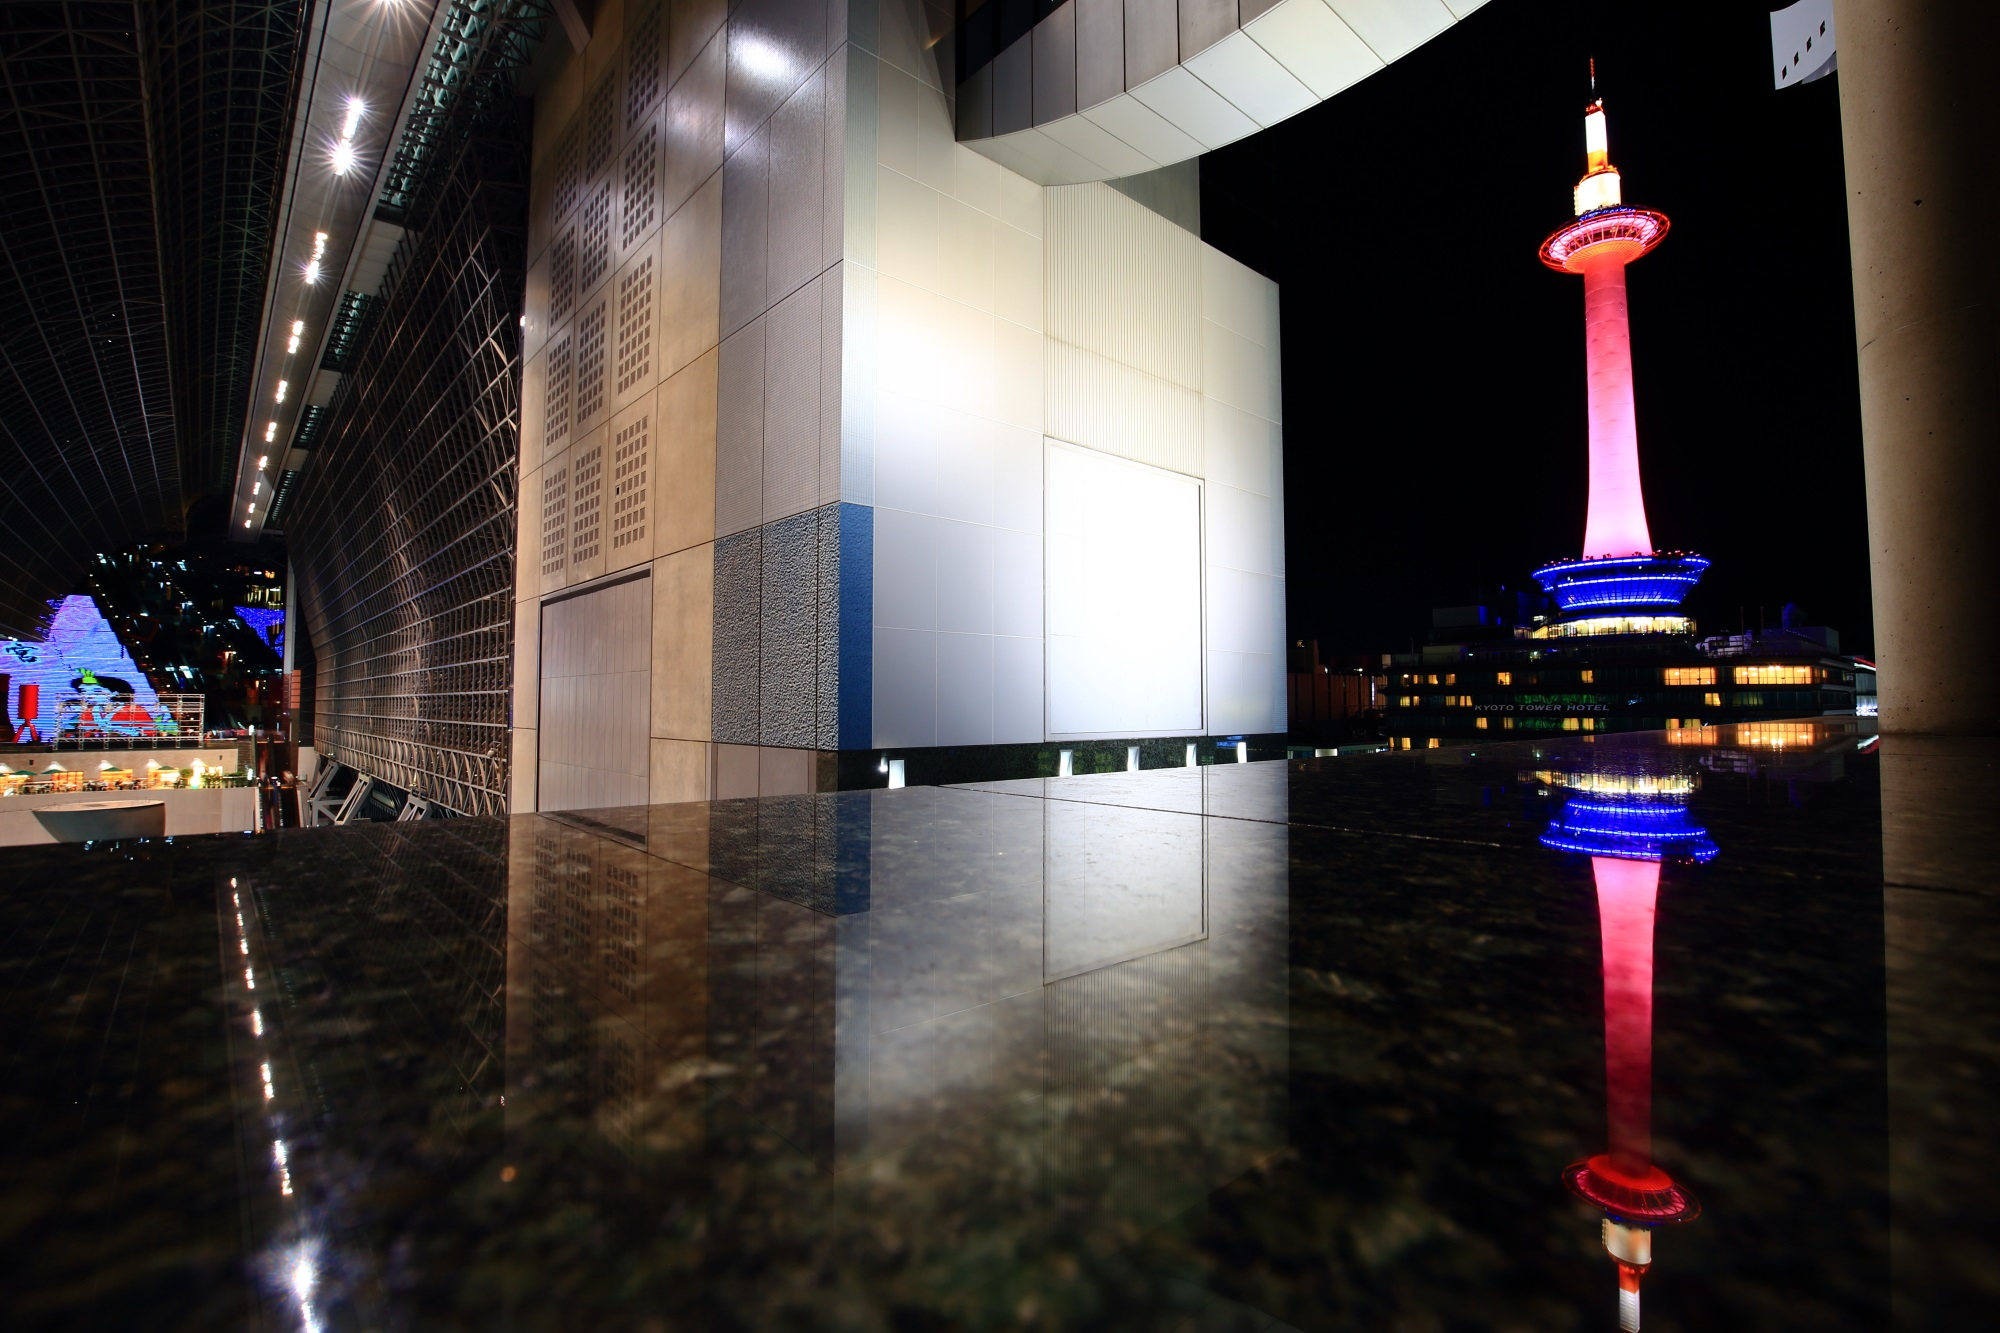 ピンクリボンライトアップの京都タワーと駅ビル 2015年10月4日